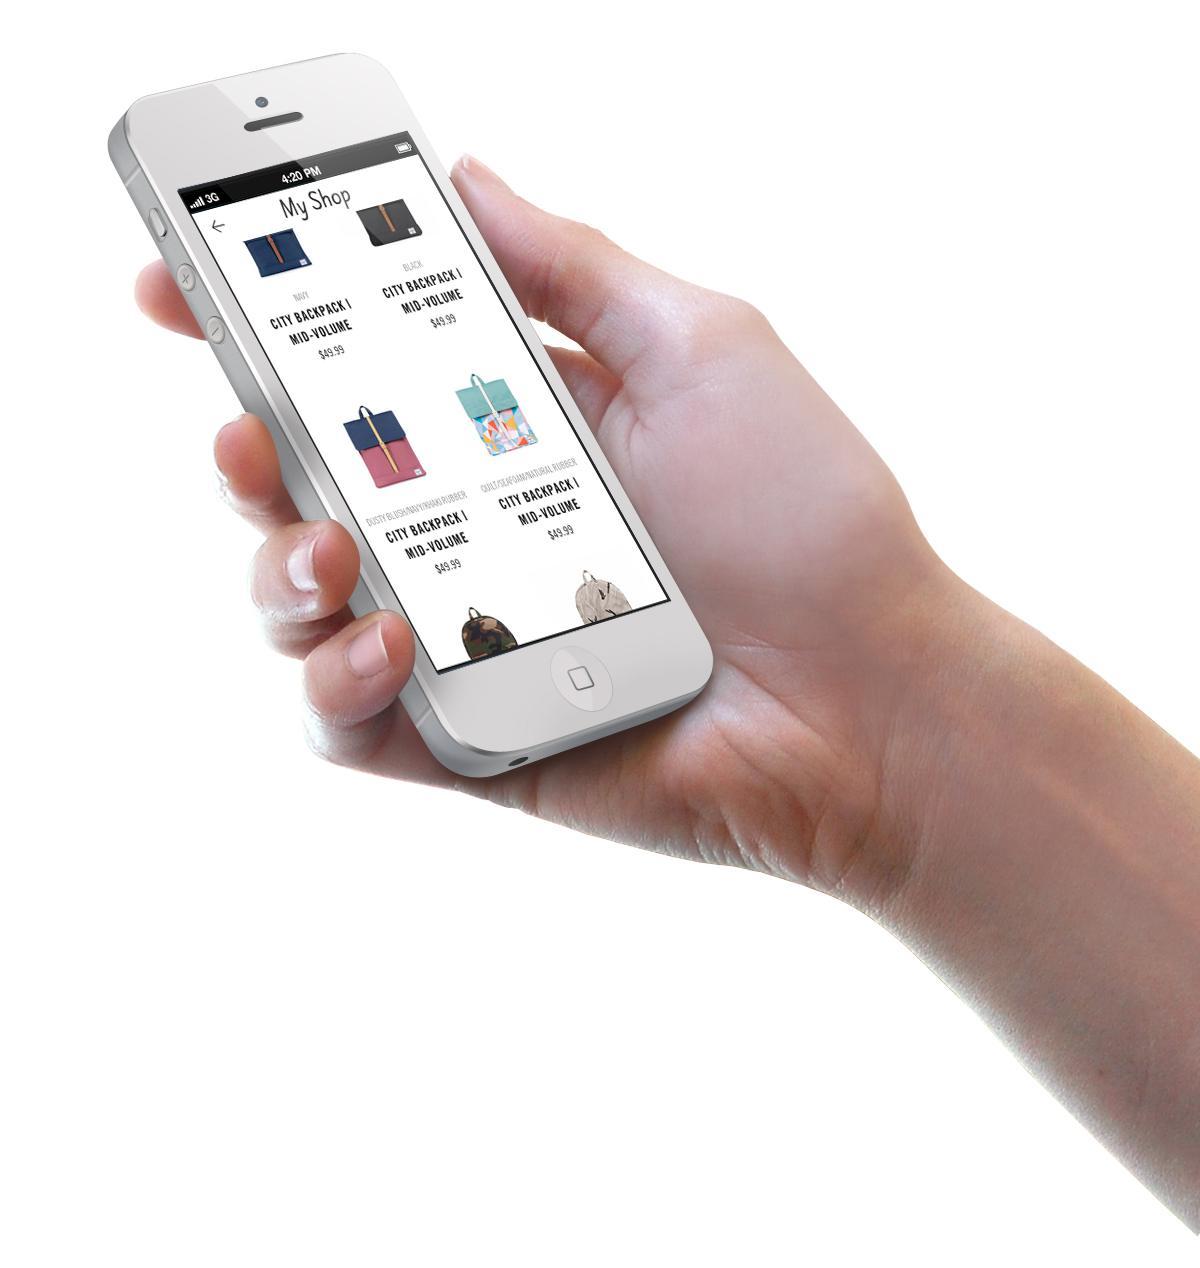 Novità E-commerce. Crea un'app per il tuo negozio